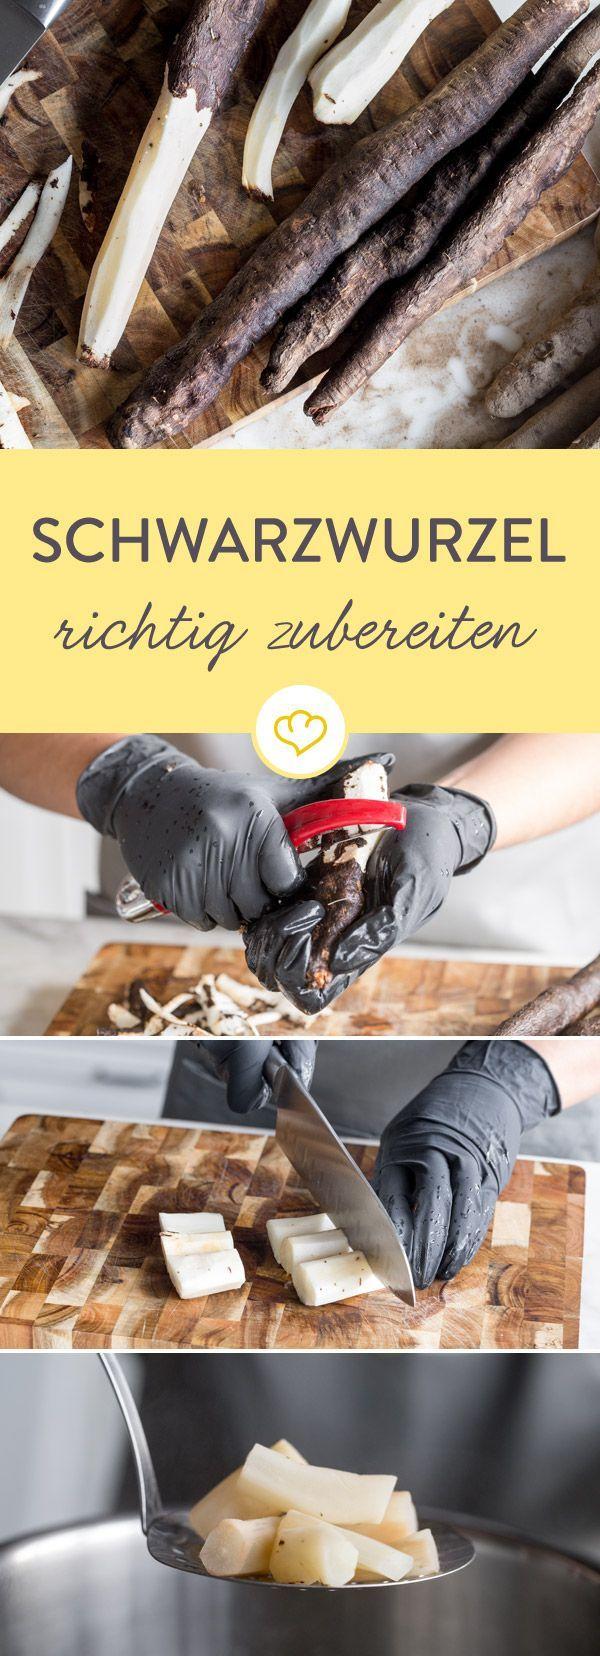 Der große Schwarzwurzel-Guide: Alles, was du übers Putzen, Schälen und Zubereiten von Winterspargel wissen musst, erfährst du hier.